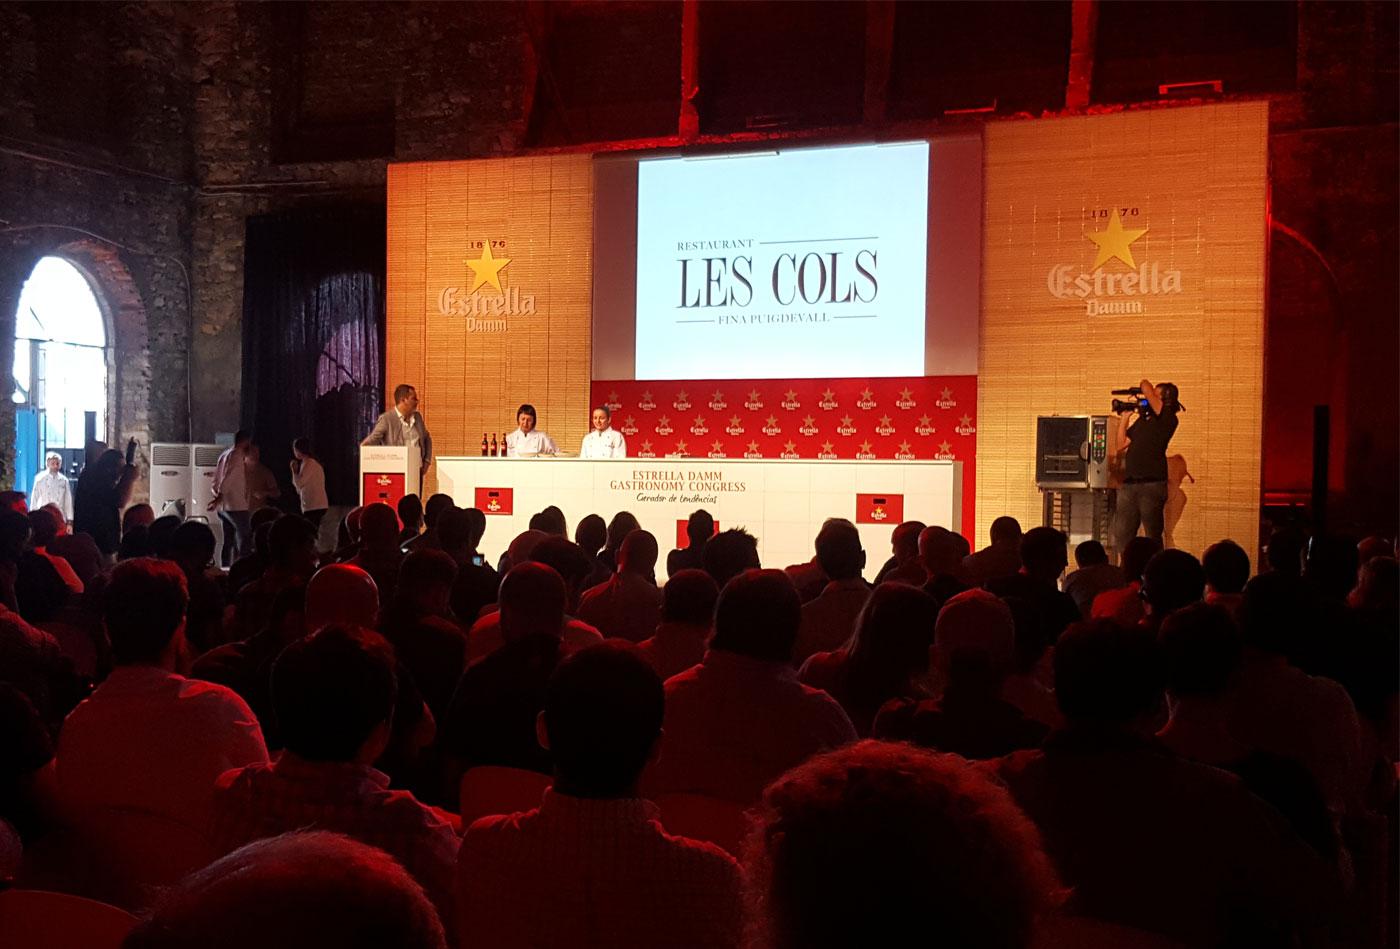 les-cols-lisboa-congress-creartiva